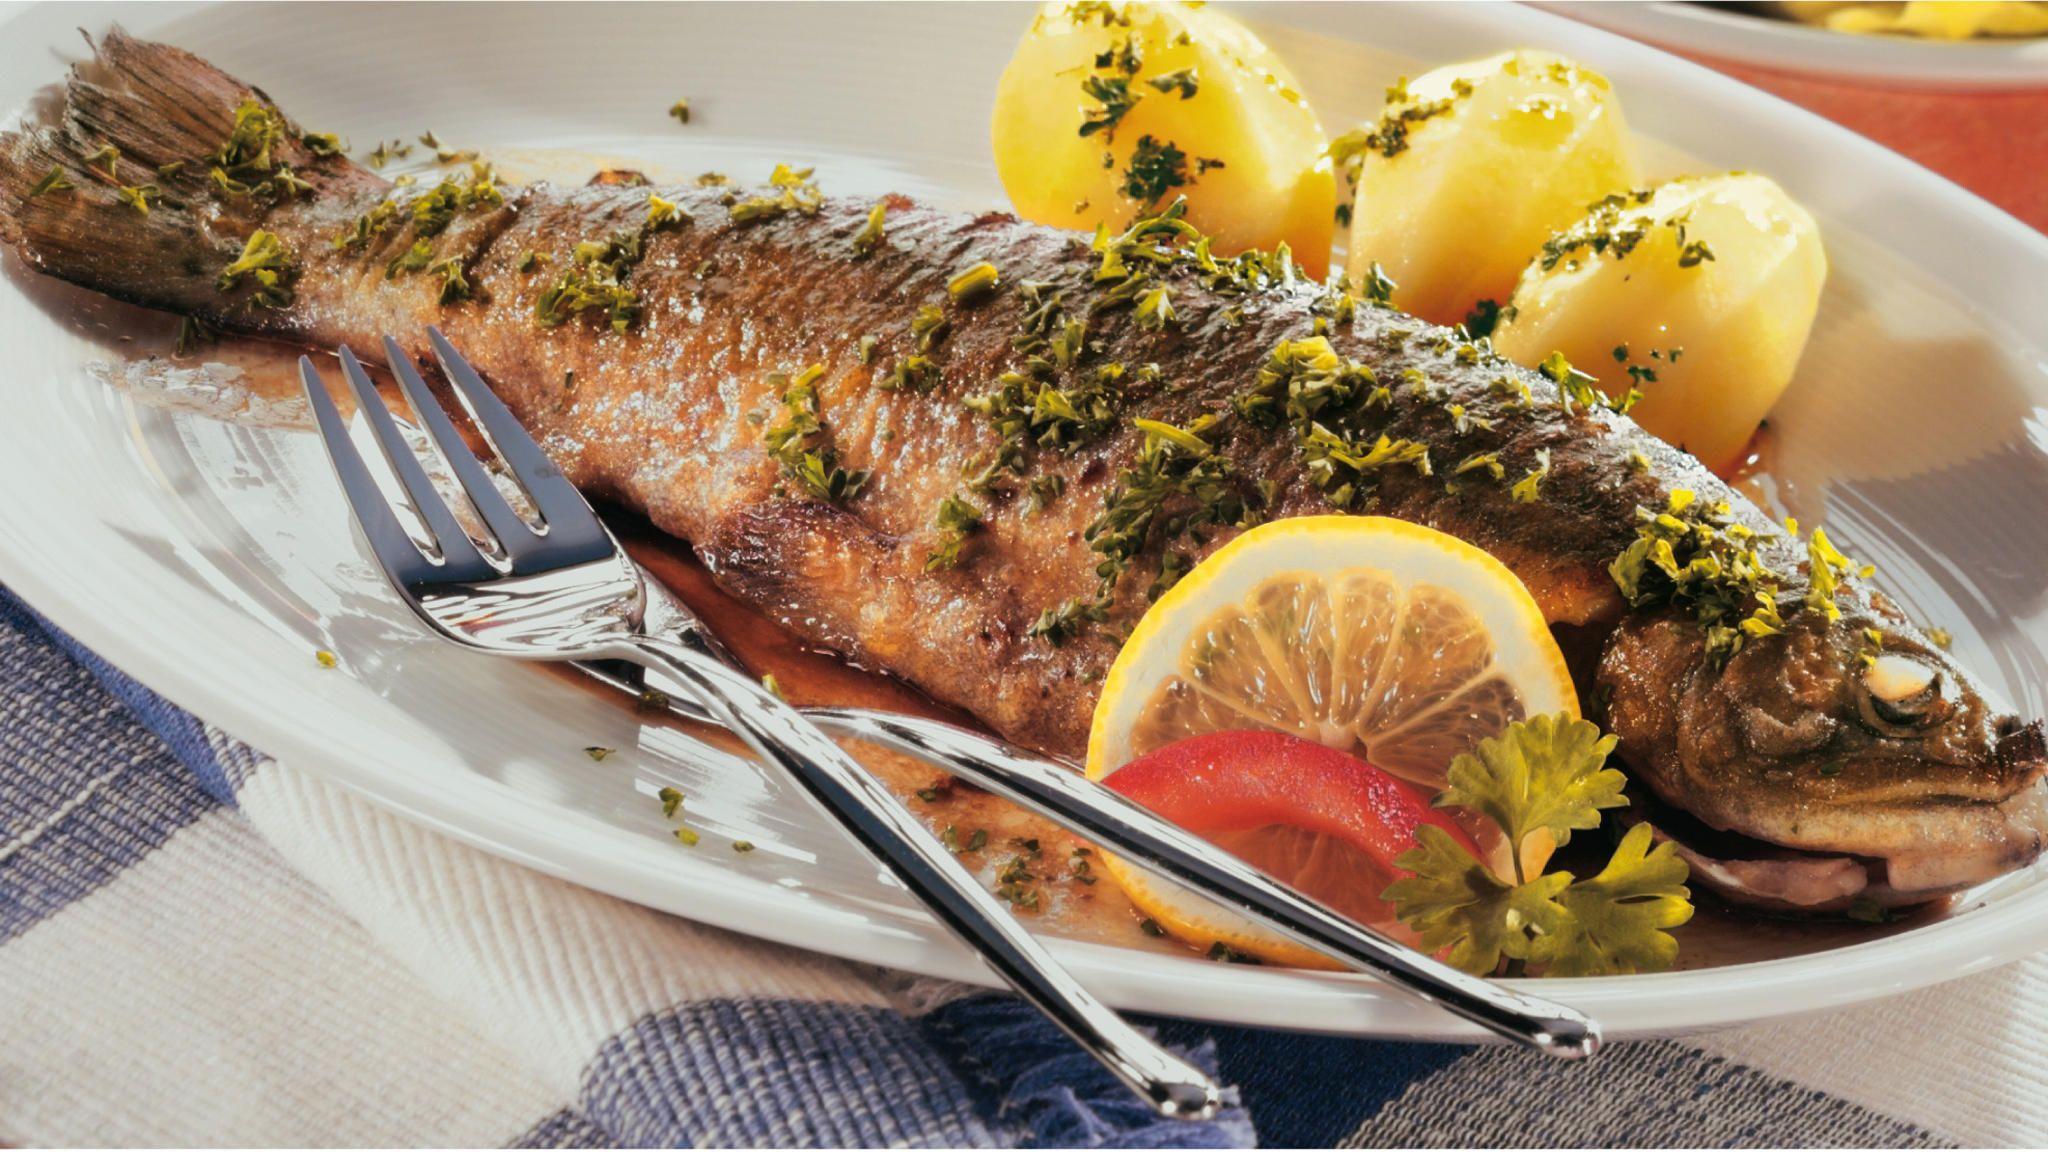 Диета, богатая морепродуктами, связана с высокой вероятностью беременности